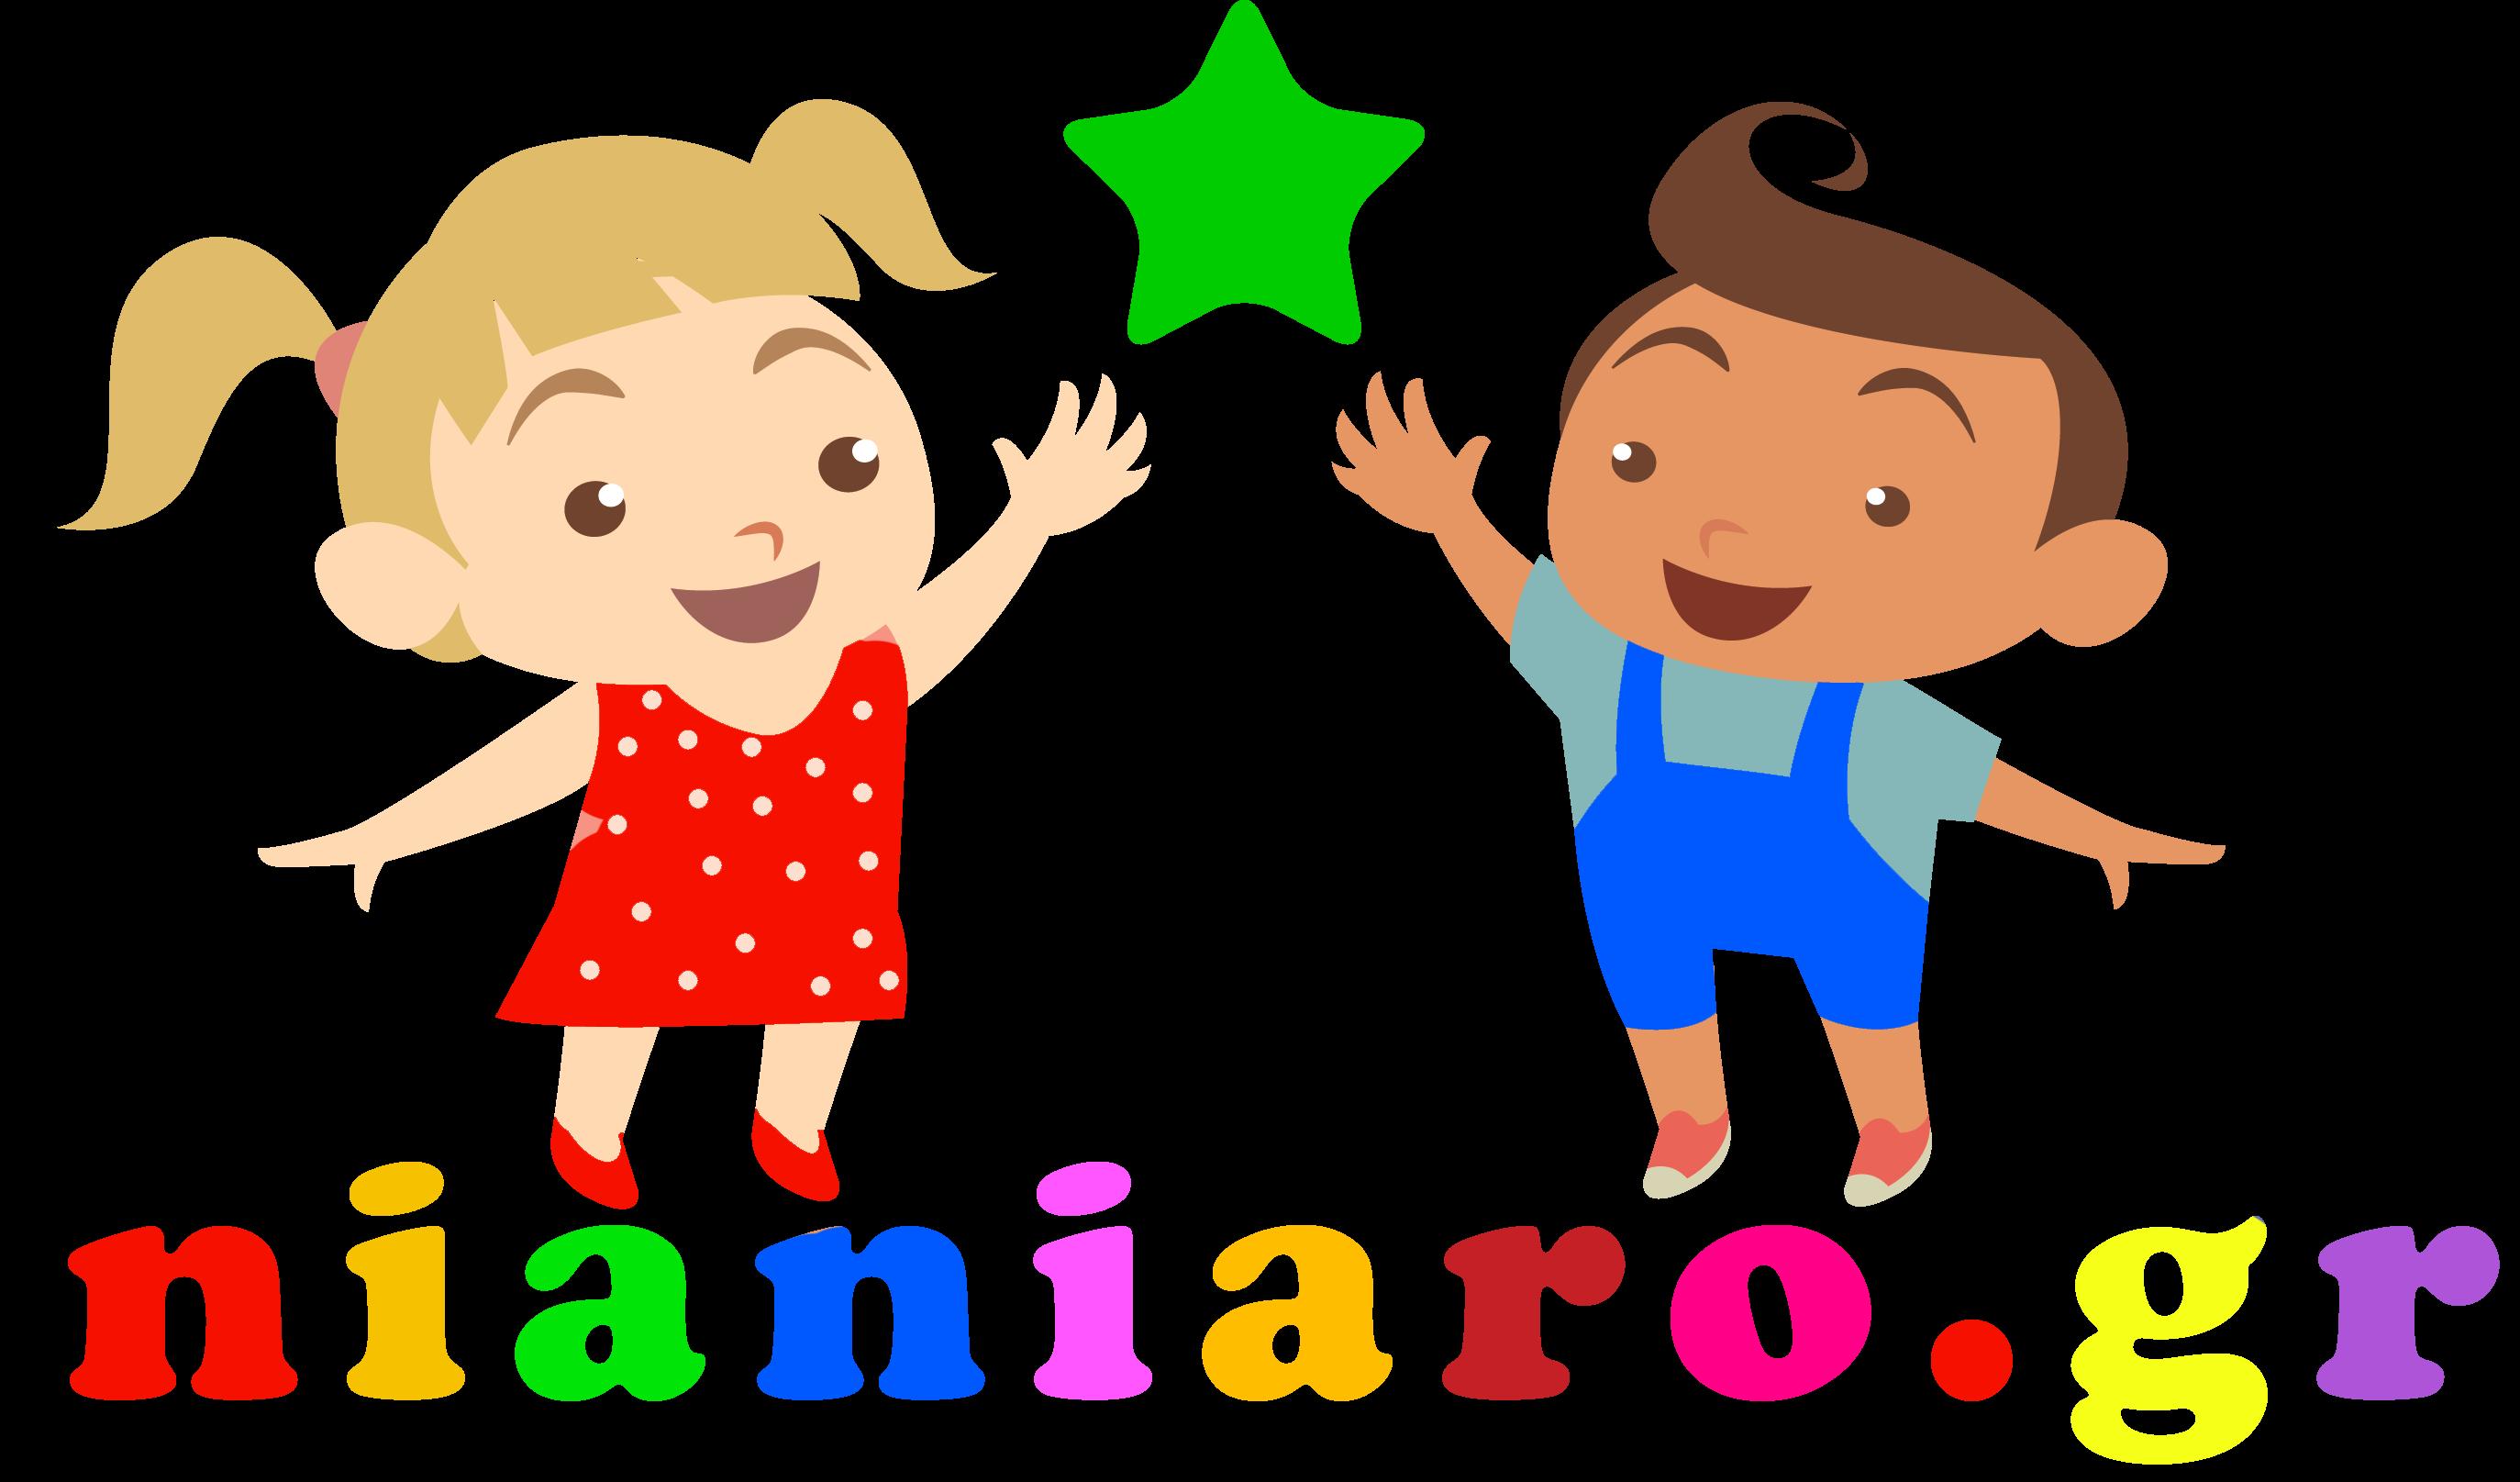 Nianiaro.gr